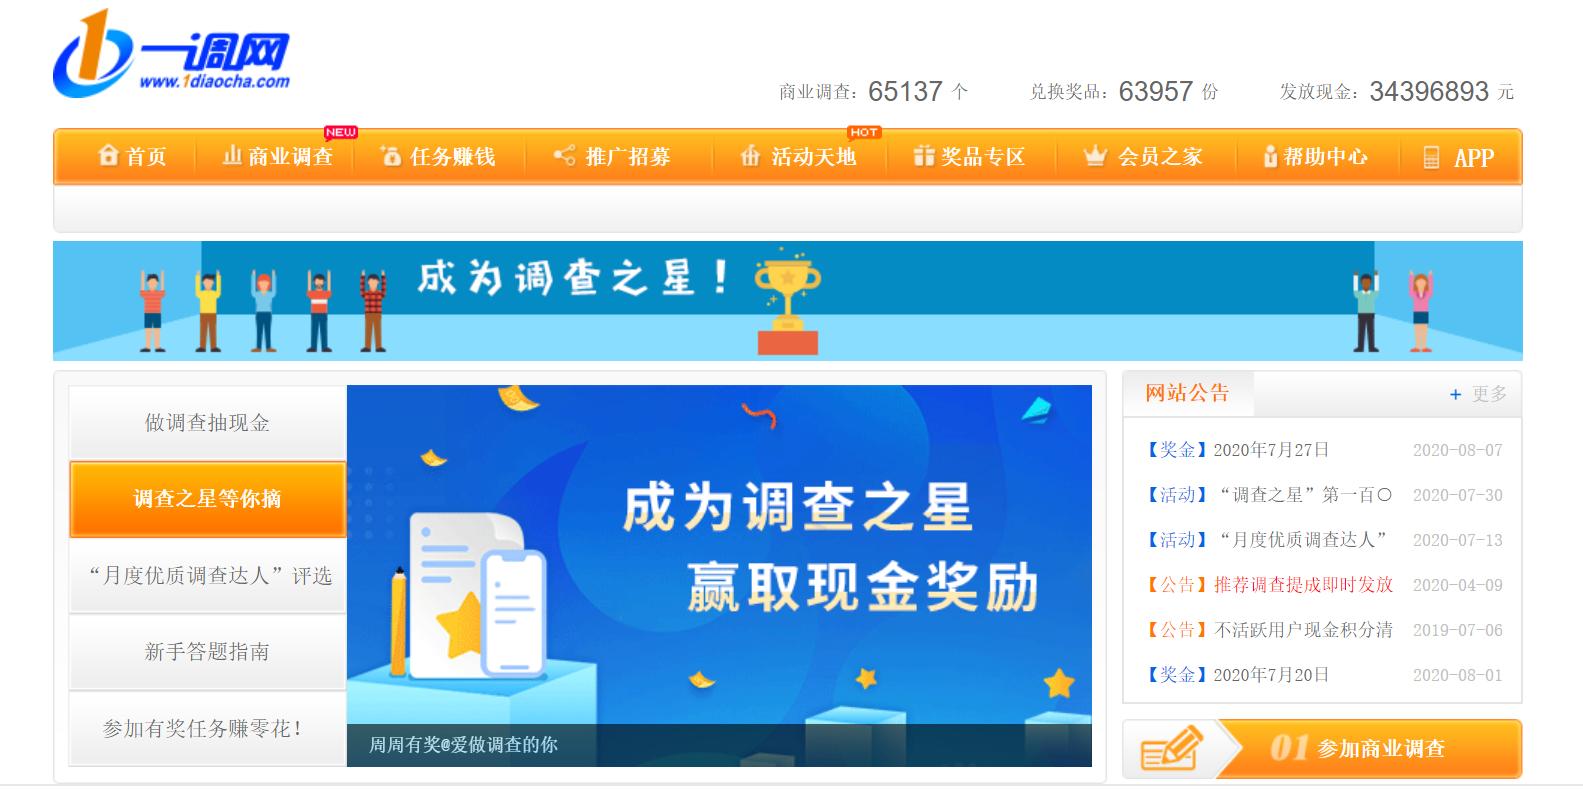 第一调查网能赚钱吗?中国最大的问卷调查网站